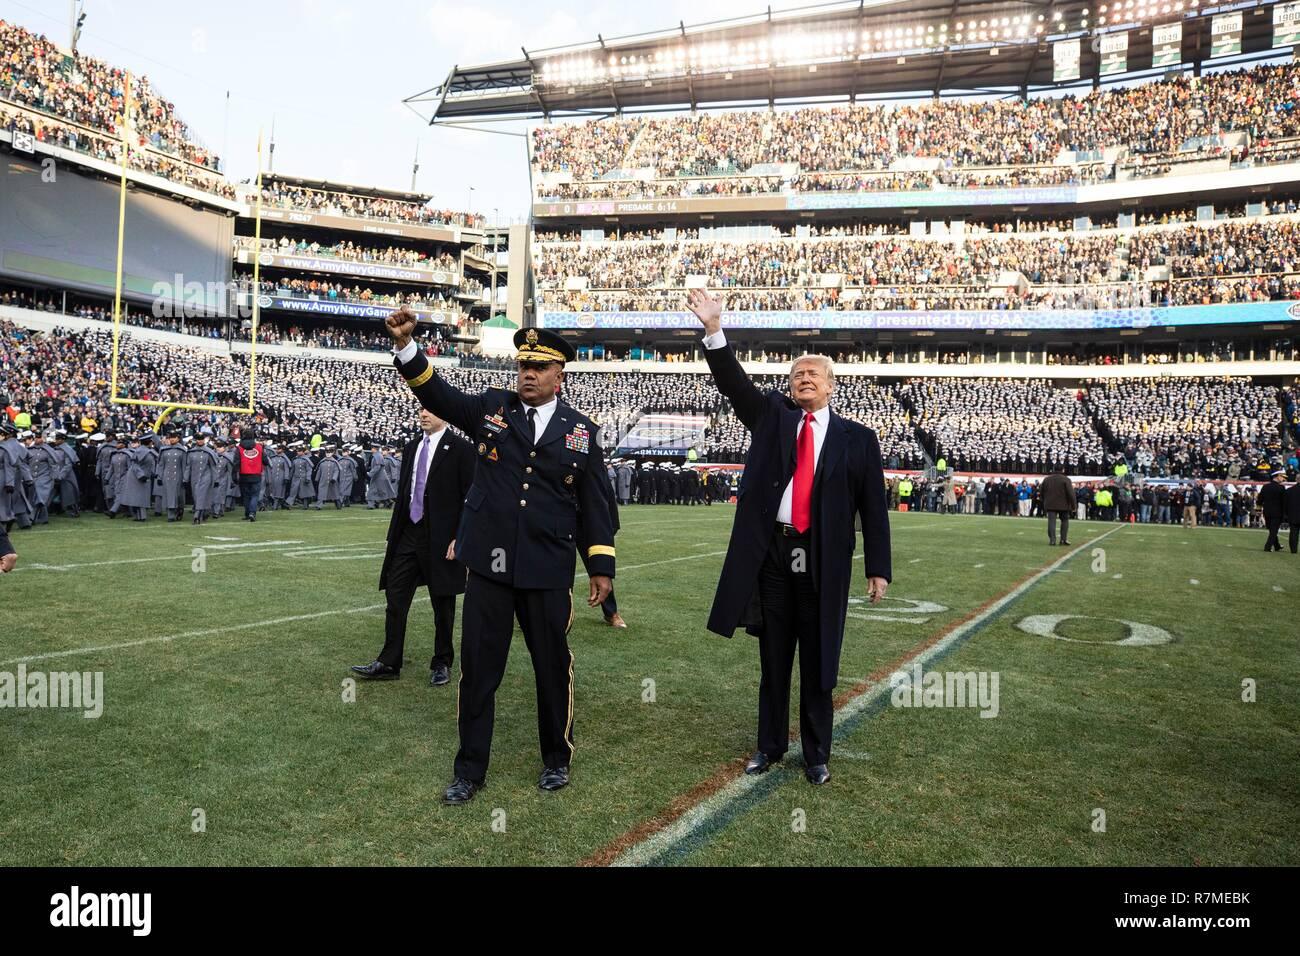 Us-Präsident Donald Trump, rechts, und West Point Betriebsleiter Generalleutnant Darryl Williams wave, die der Gast vor dem Beginn des 119 Army Navy Spiel bei Lincoln Financial Field Dezember 8, 2018 in Philadelphia, Pennsylvania. Stockfoto